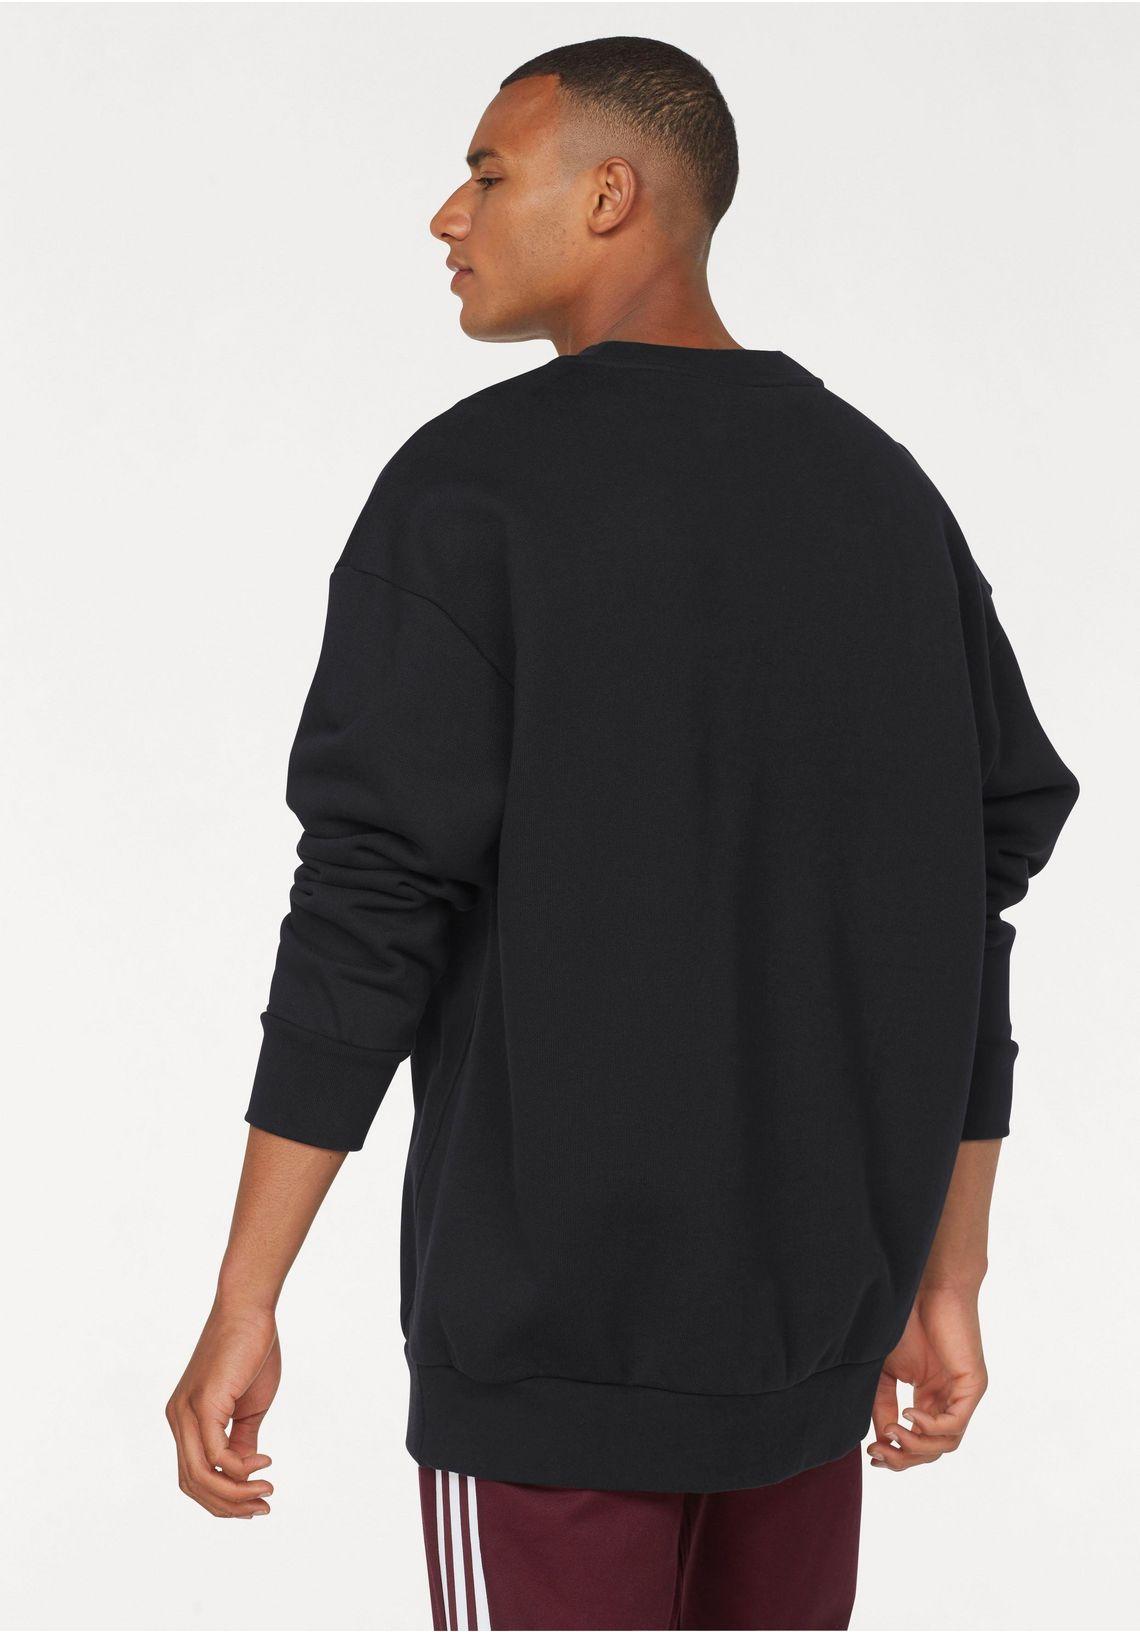 adidas Originals sweatshirt  TREF OVER CREW snel gevonden  zwart